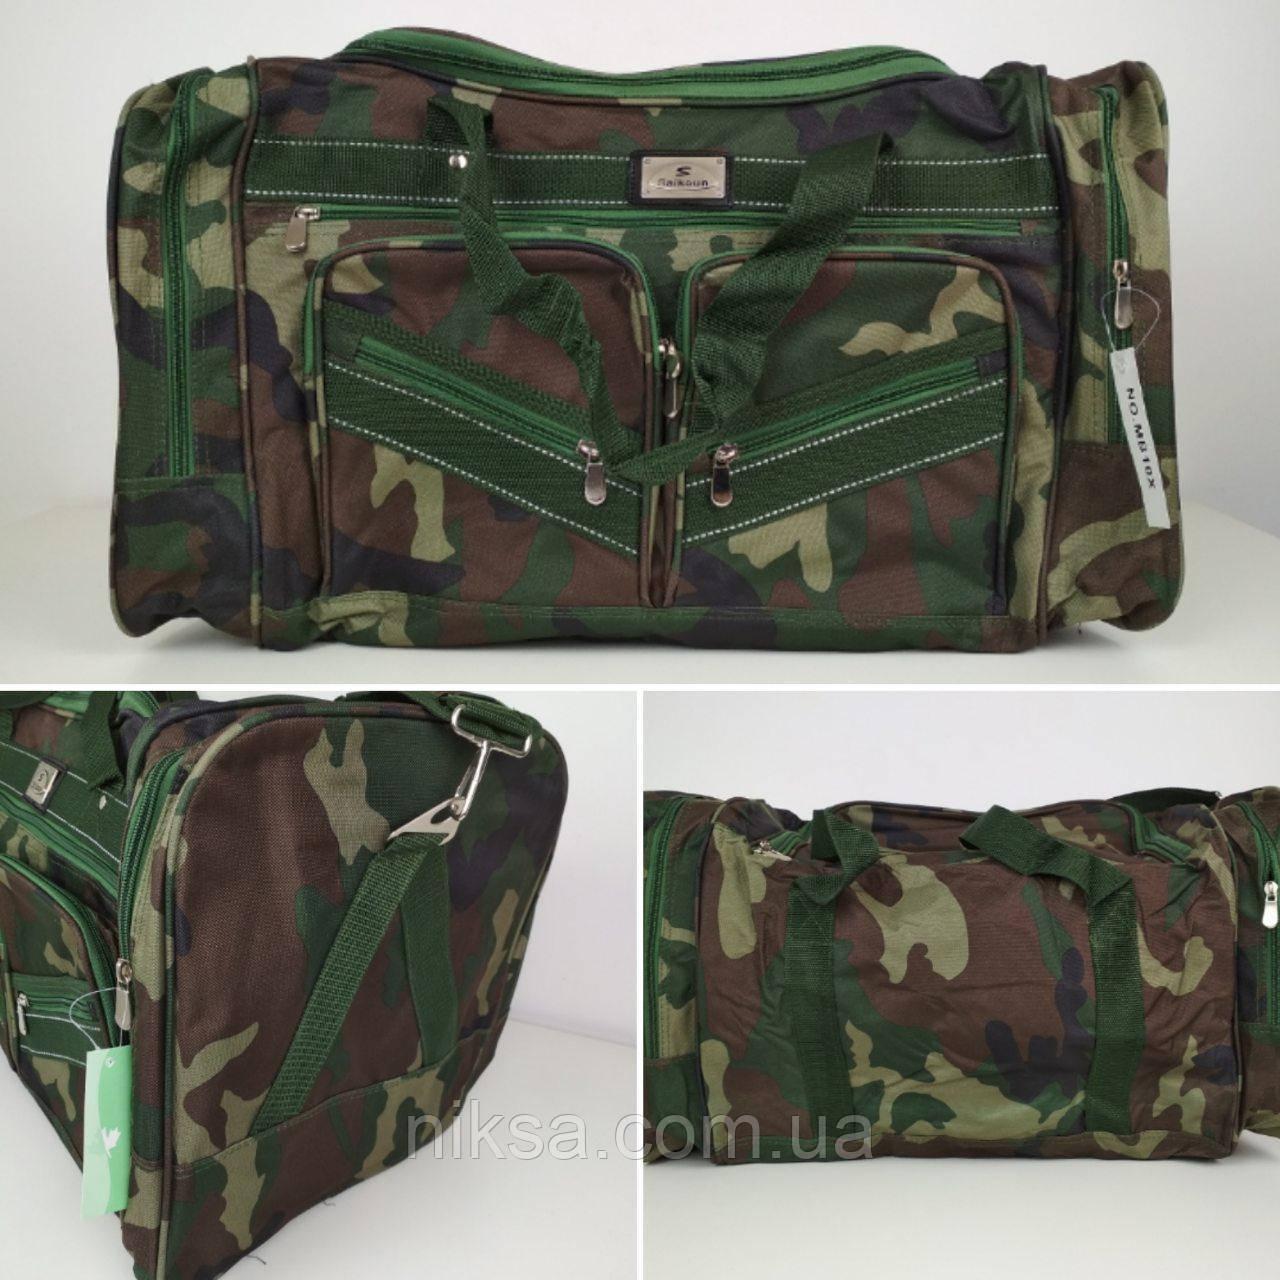 Дорожная сумка камуфляж фирма saikoun размеры: 60х32х30